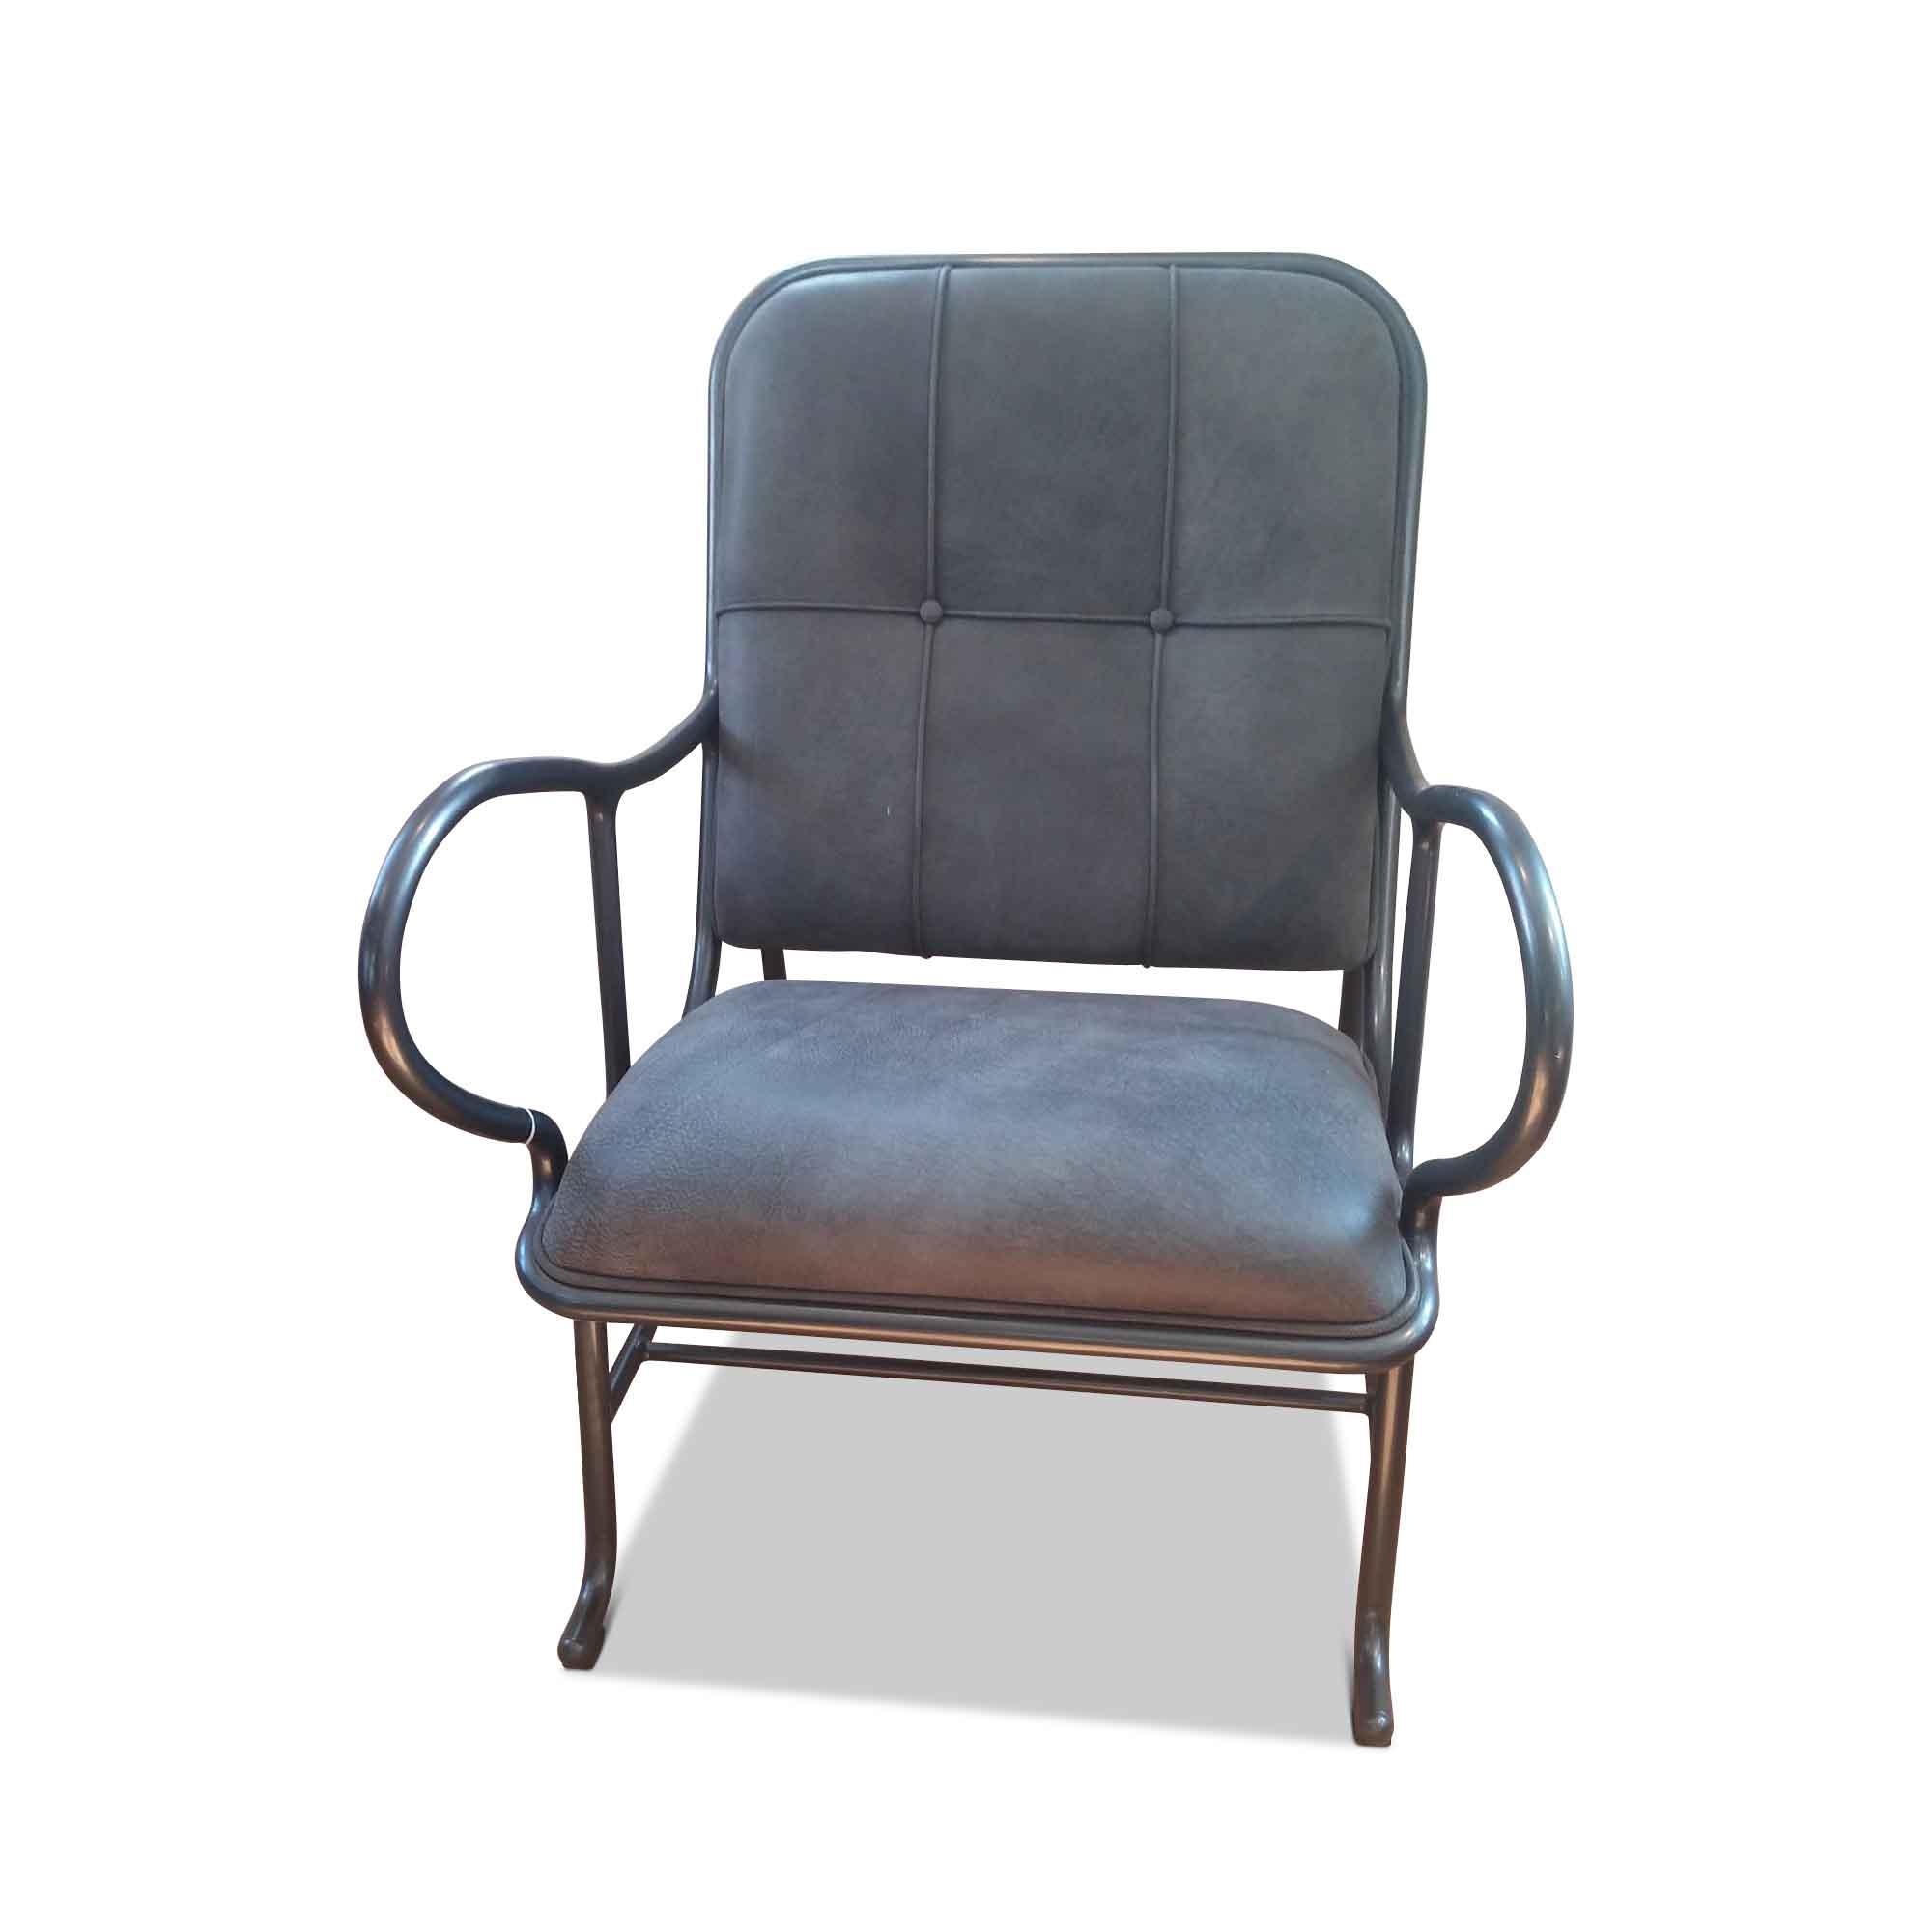 sessel gardenias bd barcelona sessel g nstig kaufen. Black Bedroom Furniture Sets. Home Design Ideas